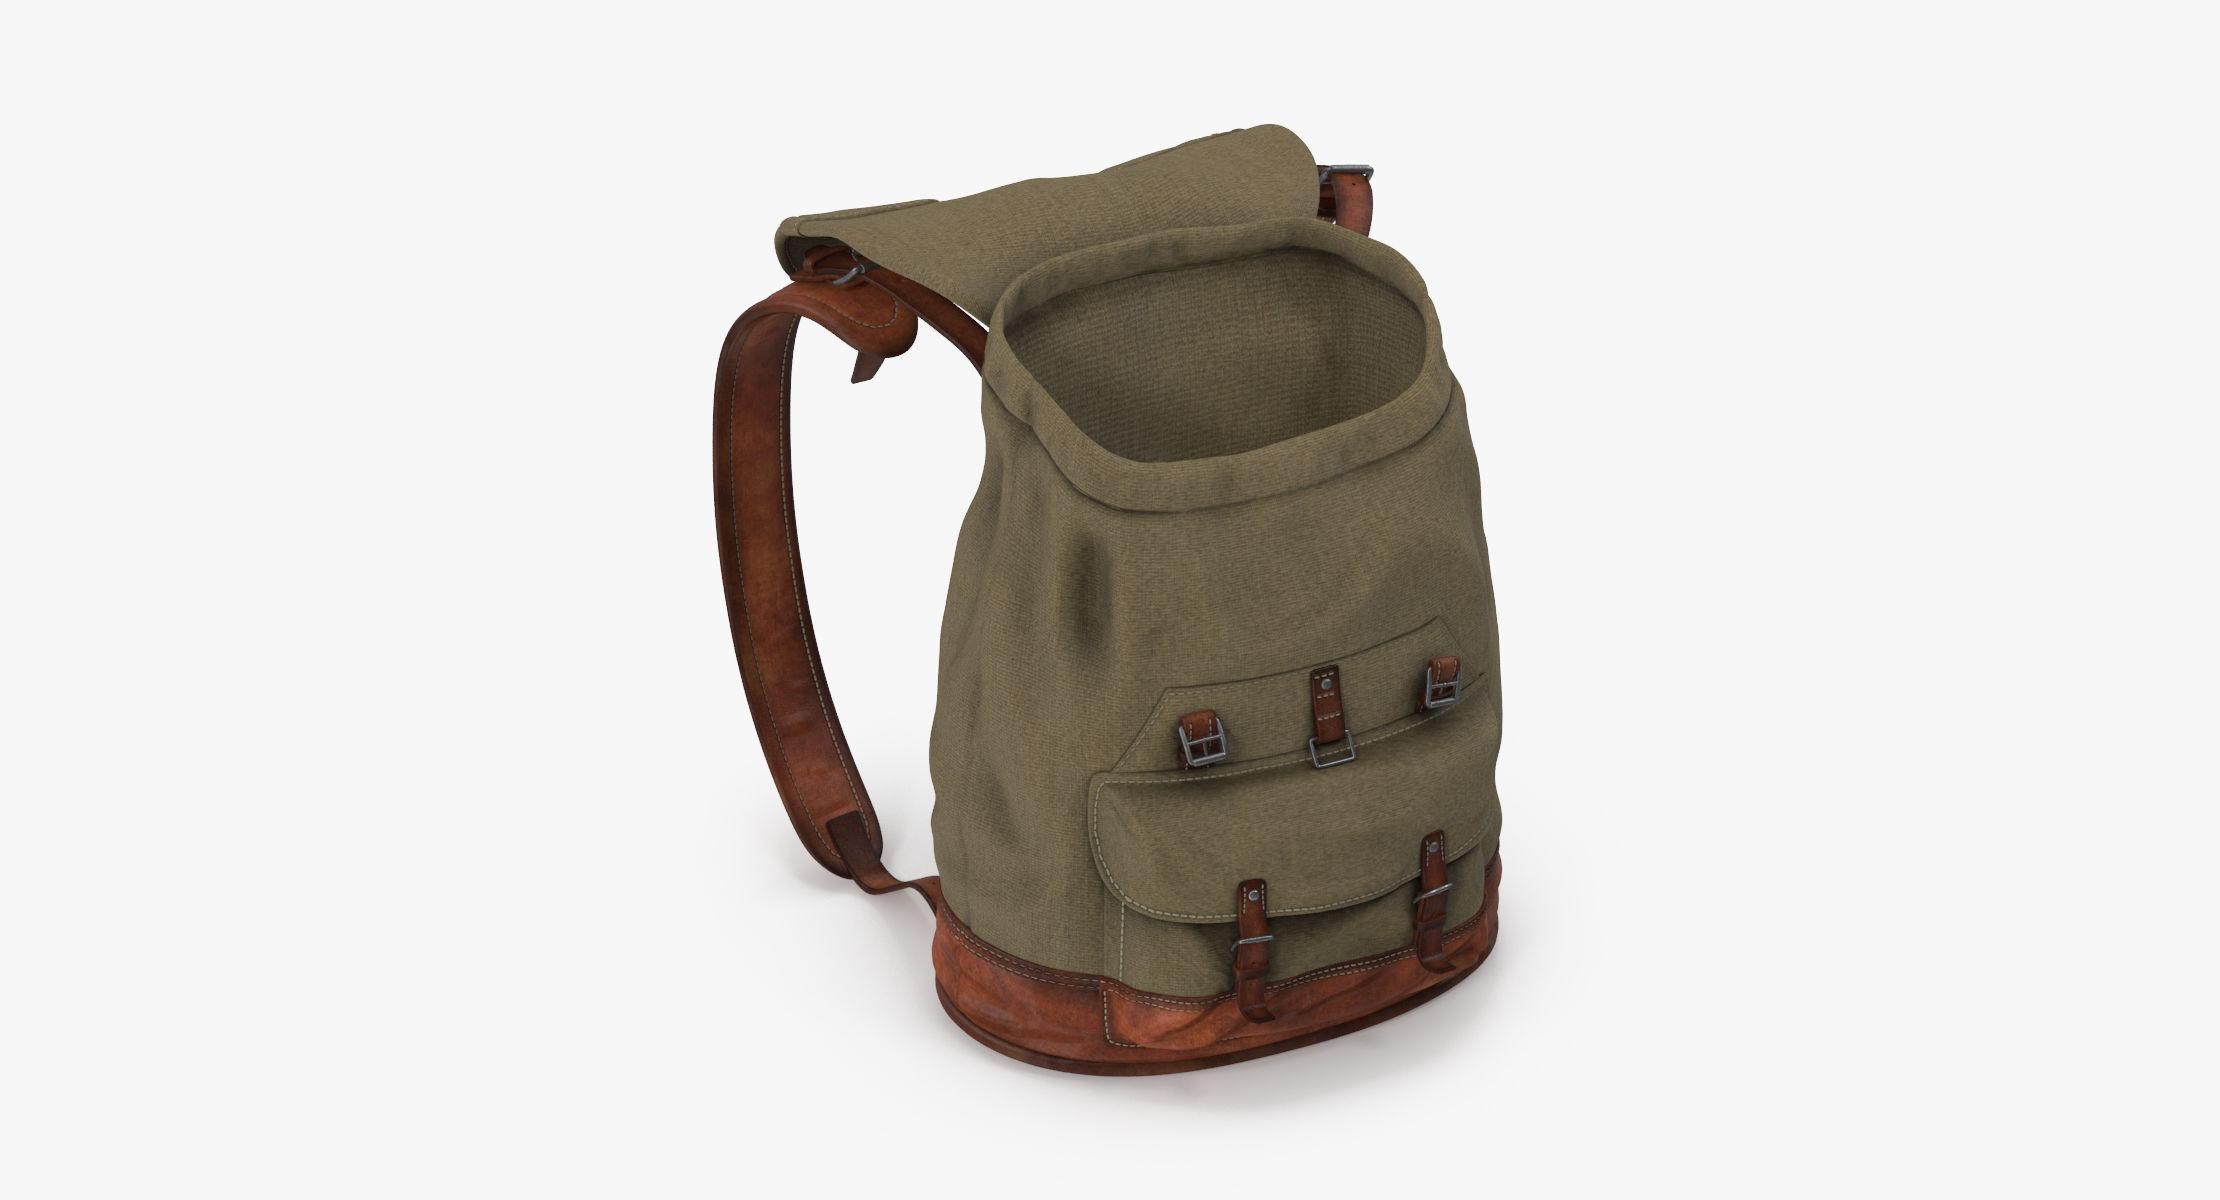 Travel Backpack Standing Open 02 - reel 1